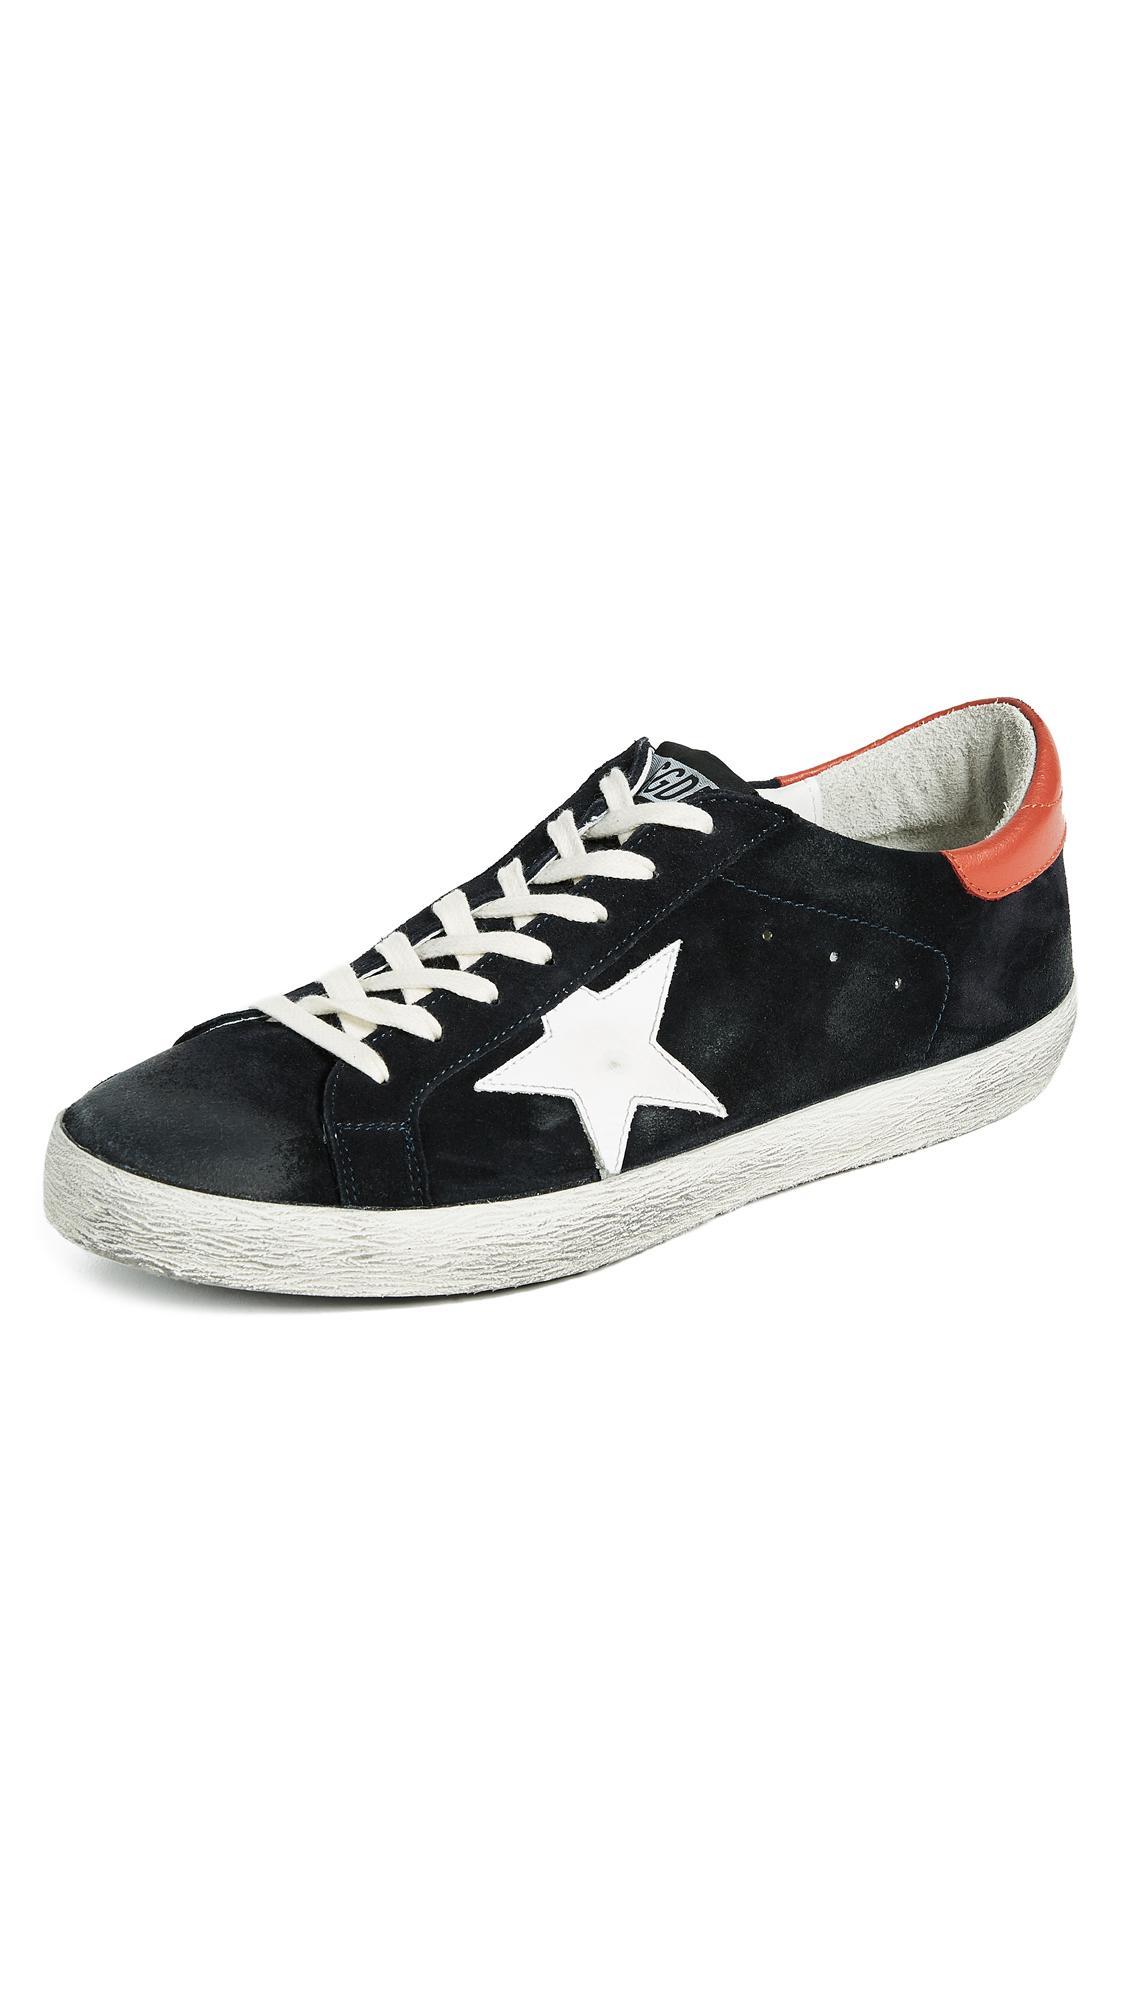 Golden Goose Superstar Sneakers In Blue/suede/orange